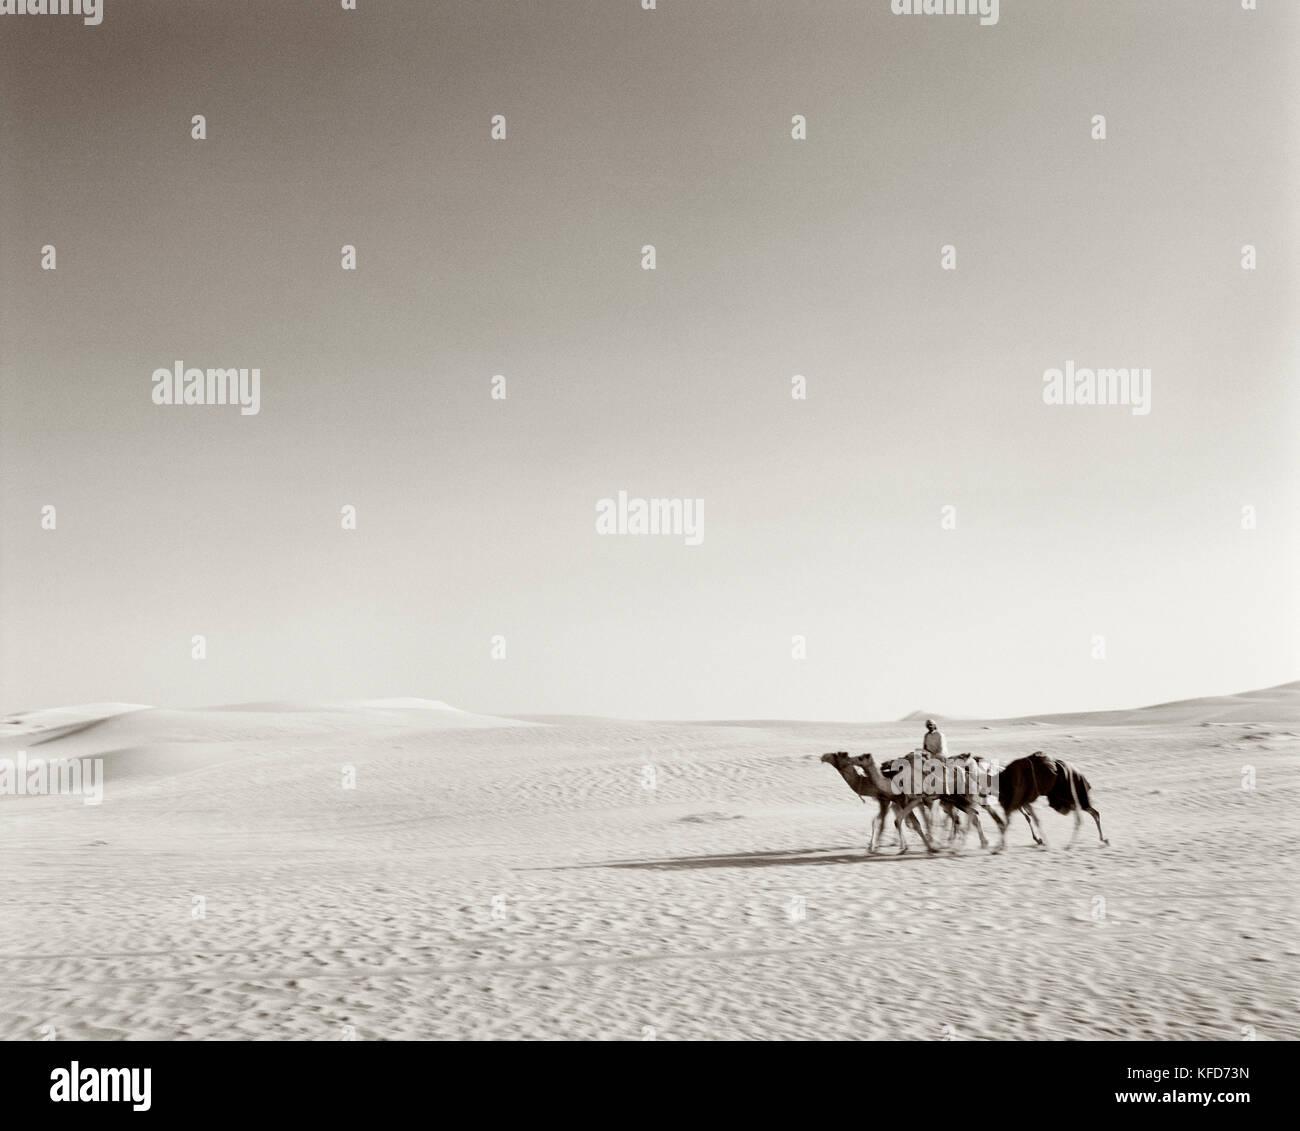 Arabia Saudita, najran, Man paseos con sus camellos por el cuarto vacío (B&W) Imagen De Stock